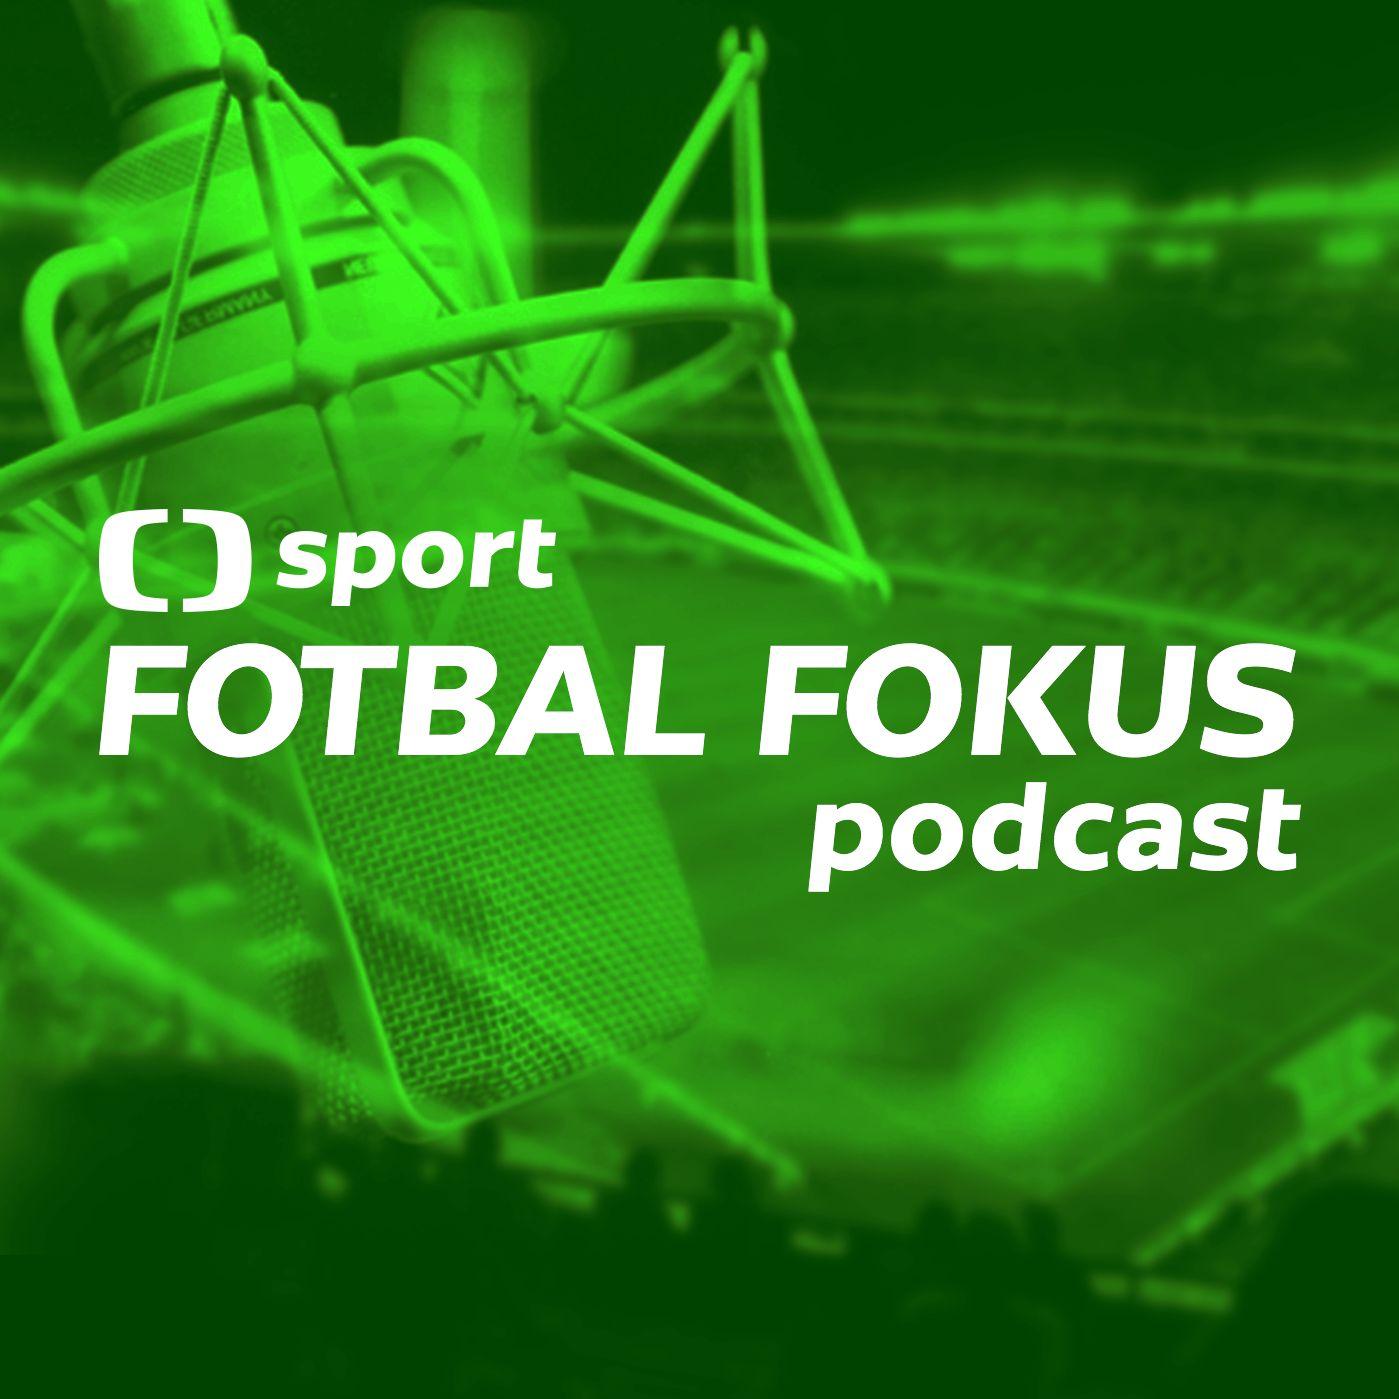 Fotbal fokus podcast: Co zatím brání úspěchu přestavby Slavie a Baníku?